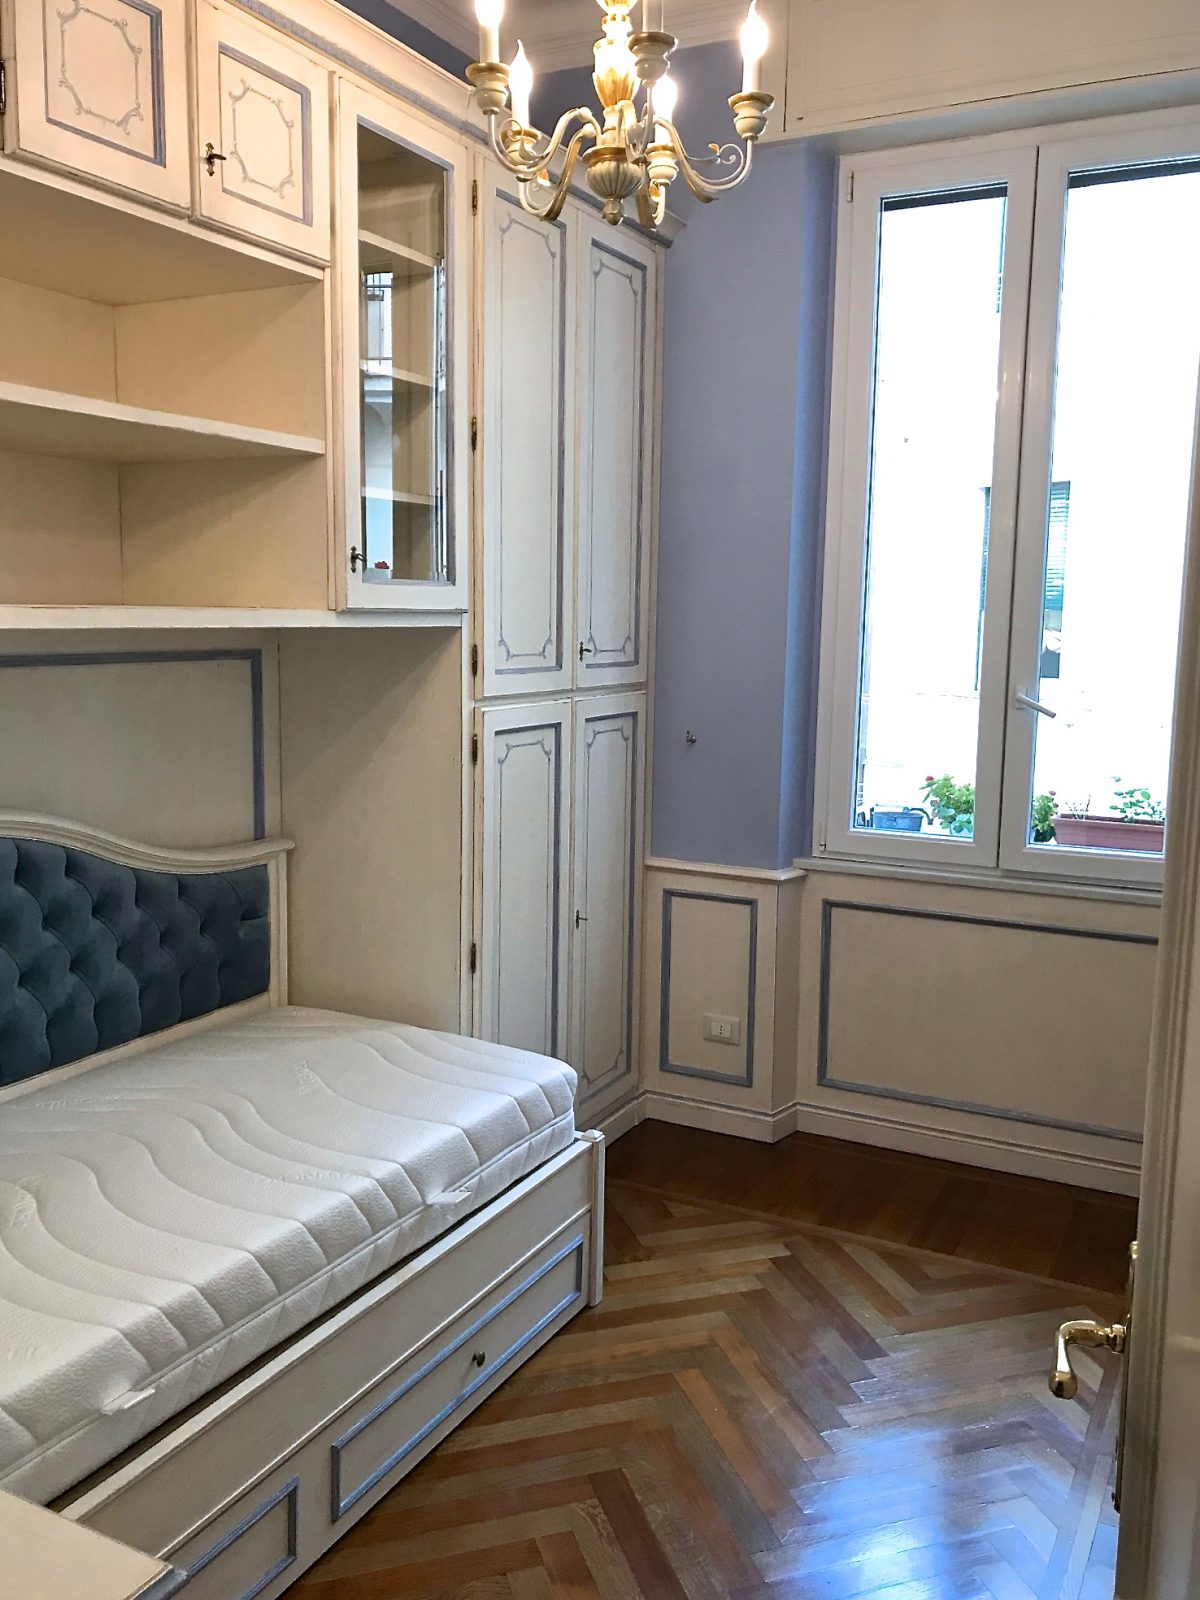 Letti Su Misura Genova.Camera Da Letto Con Boiserie Genova Antiquariato E Mobili In